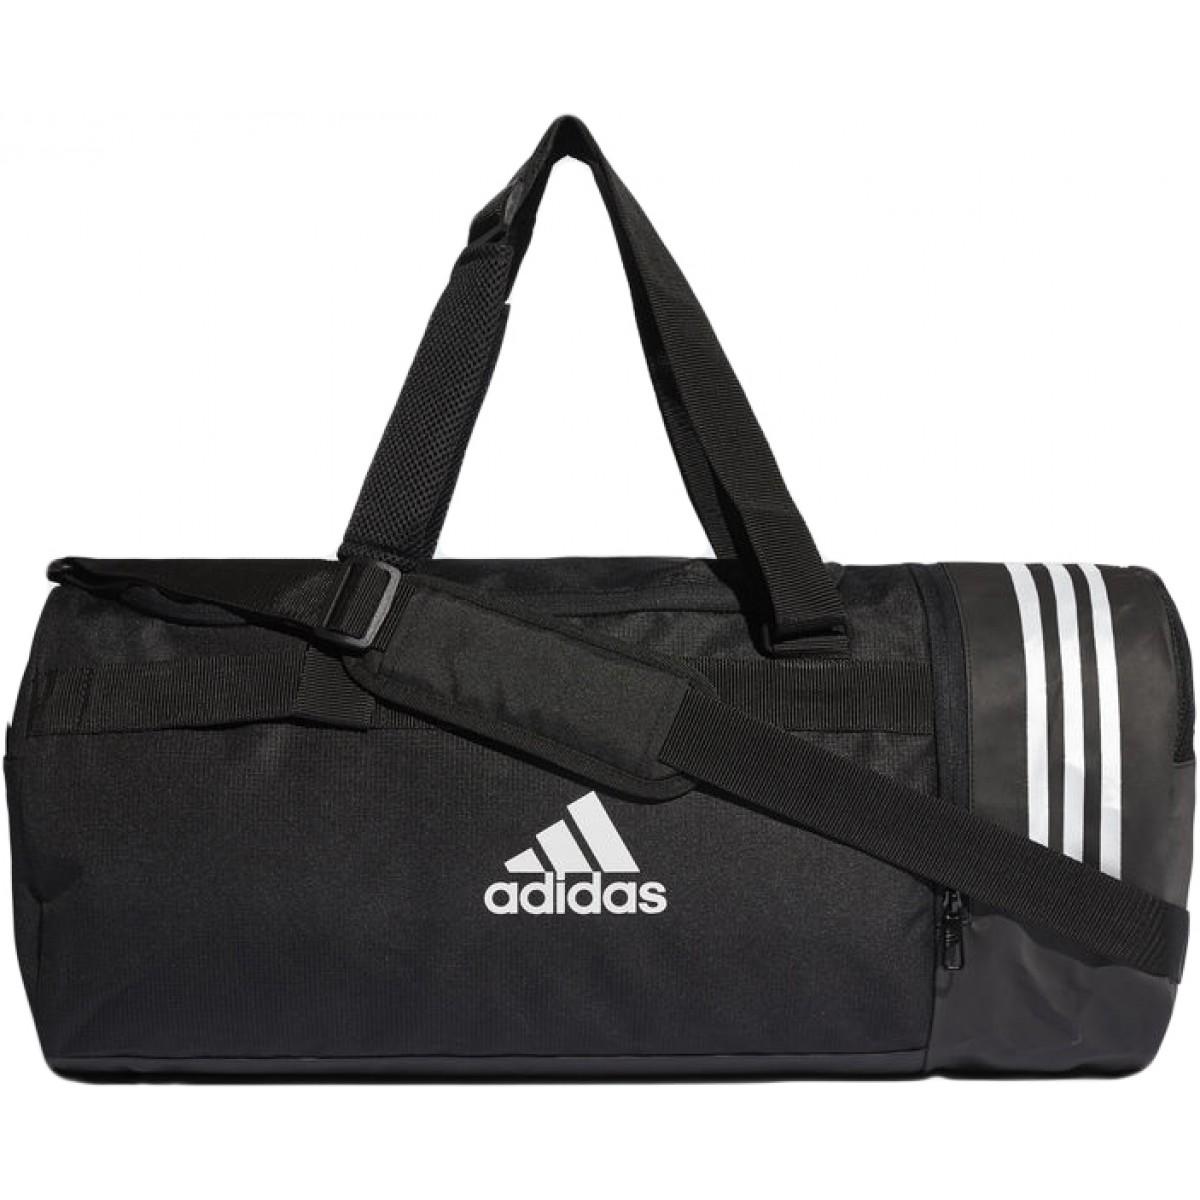 Sac SacsTennispro Sport De Adidas Athlete eW29IEYDH